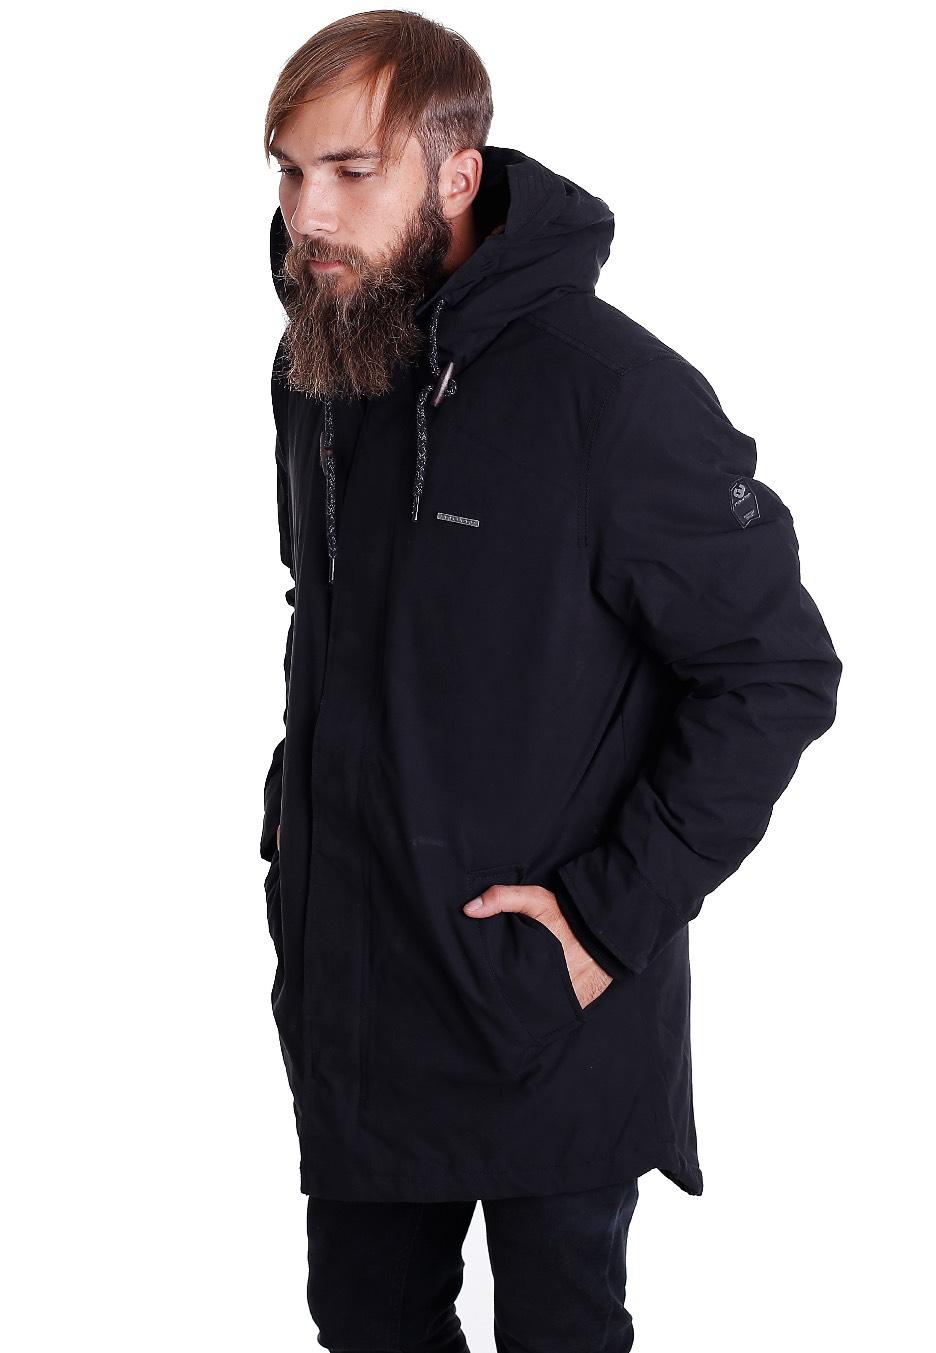 ragwear mr smith chaqueta tienda de marcas es. Black Bedroom Furniture Sets. Home Design Ideas